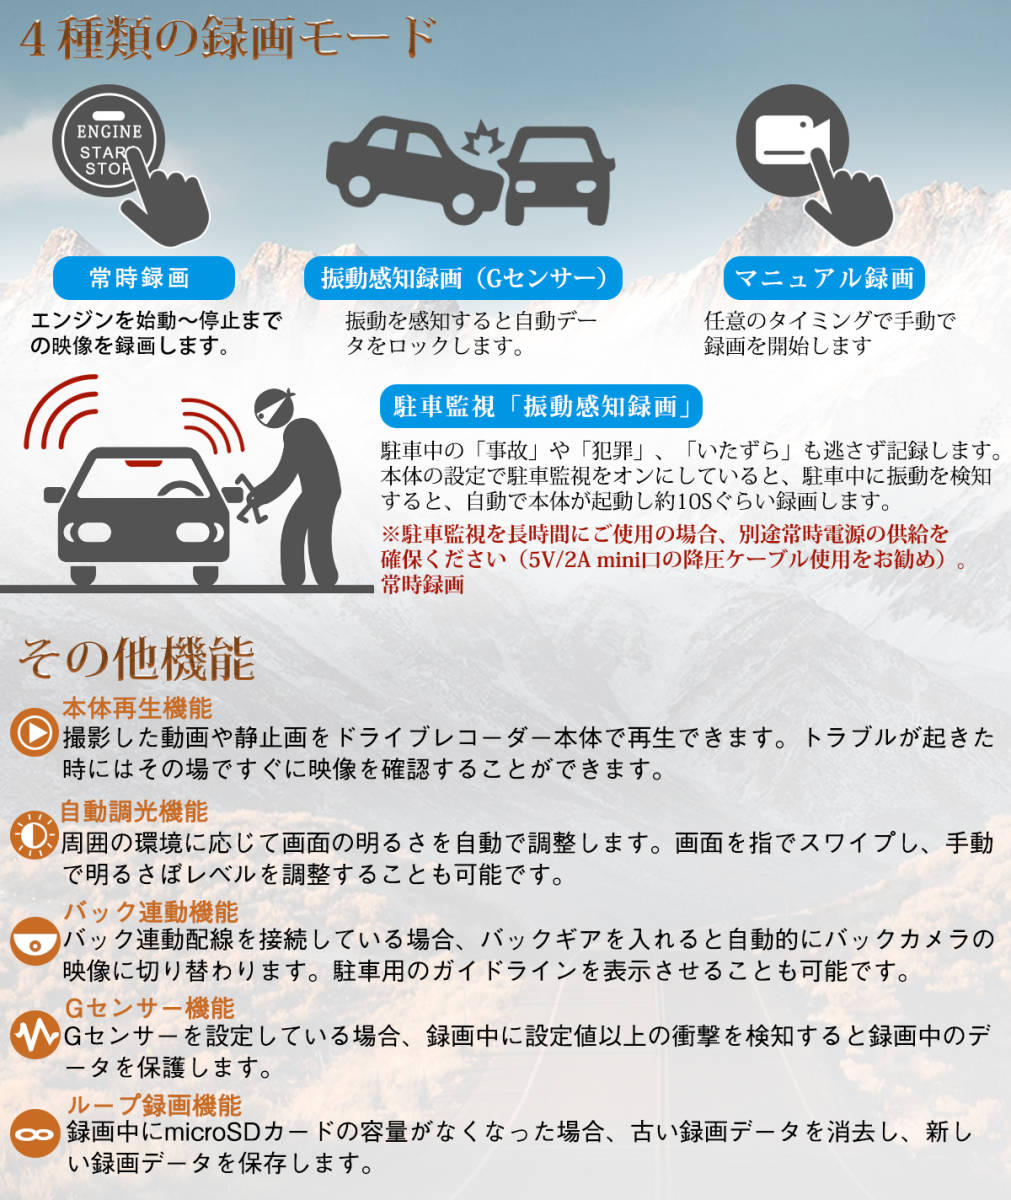 送料無料 前後カメラ 車線逸脱警報 32GB SDカード付 GPS搭載 ドライブレコーダー S06 ミラー型 9.88インチタッチパネル 日本製説明書 新品_画像6